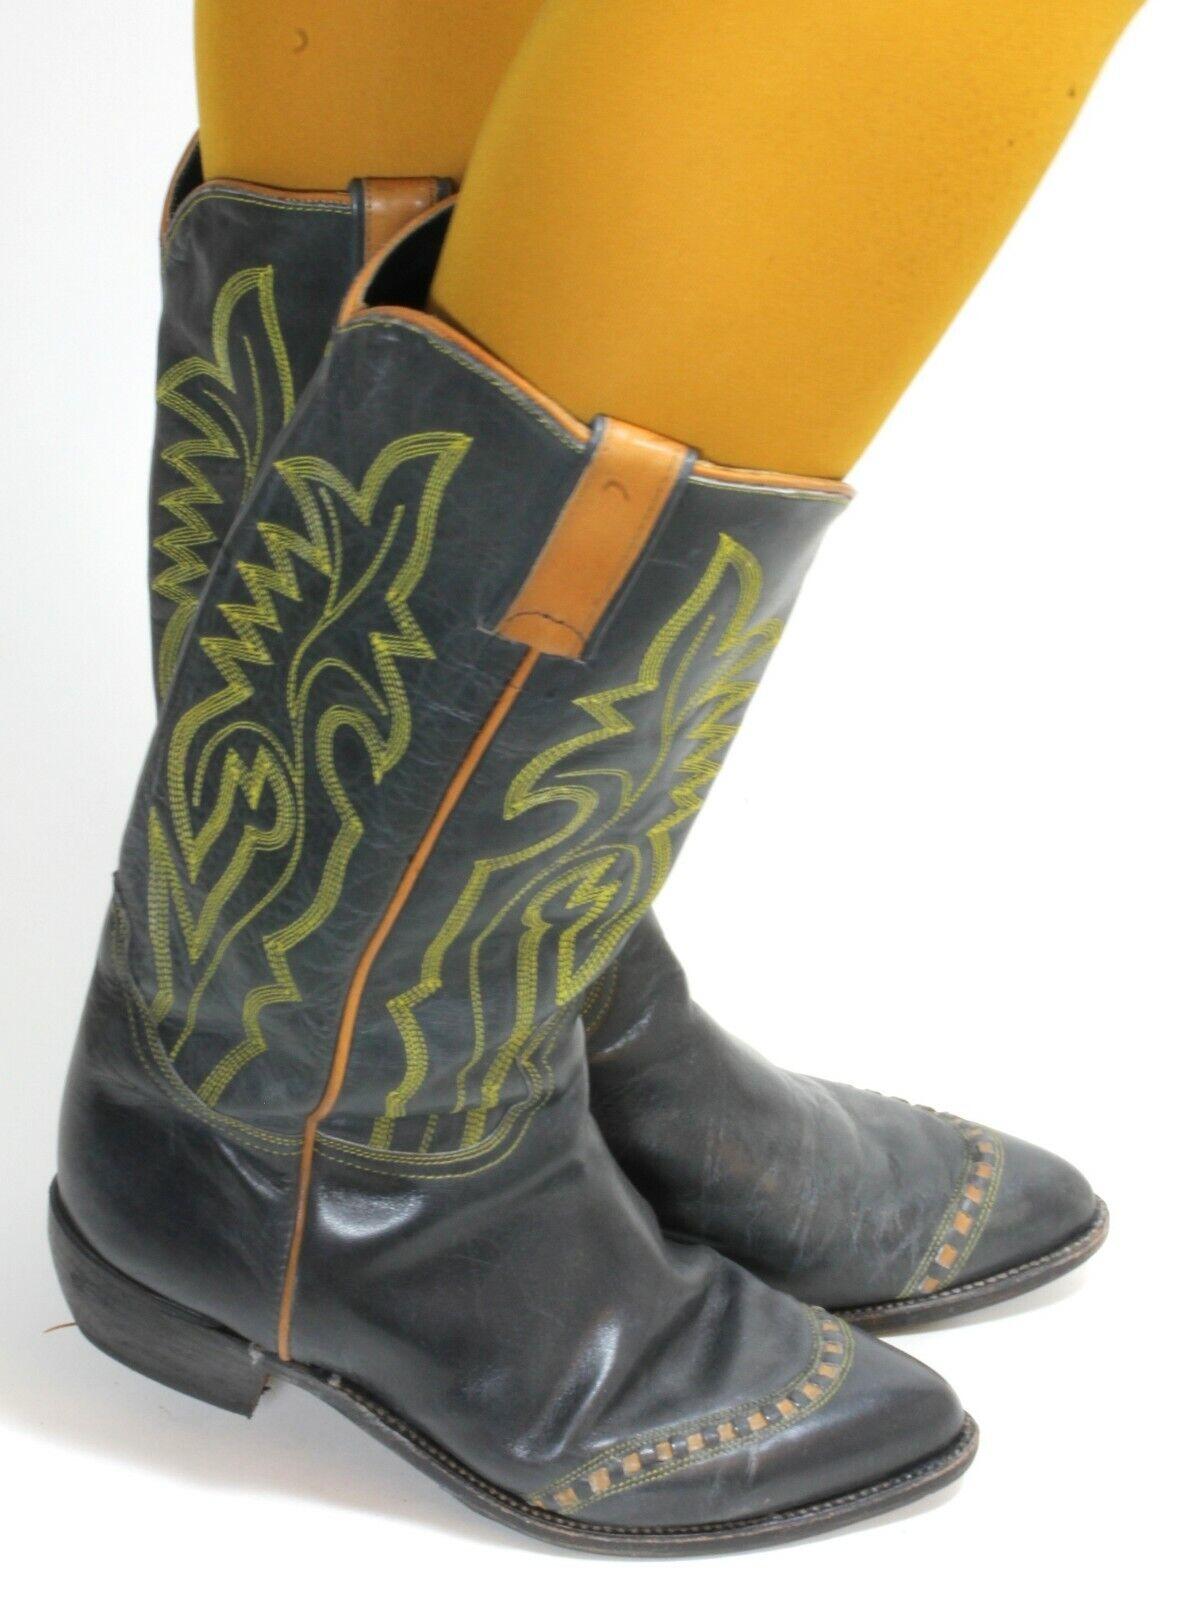 Western Bottes Bottes De Cowboy catalan Style Line Dance Cuir Texas bottes 39